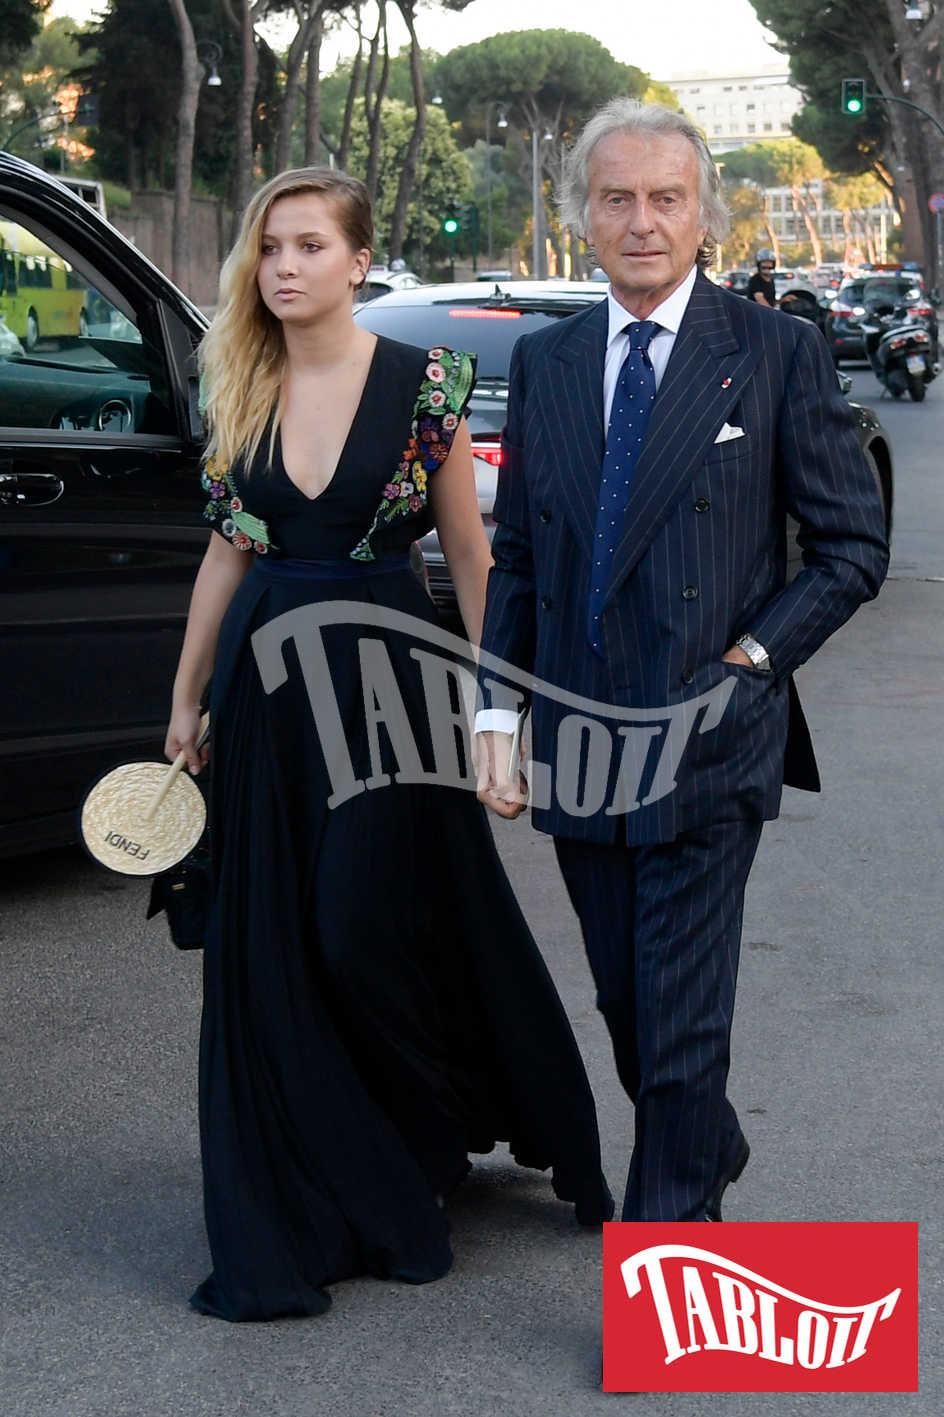 Luca Cordero di Montezemolo e figlia alla sfilata di Fendi 2019 a Roma